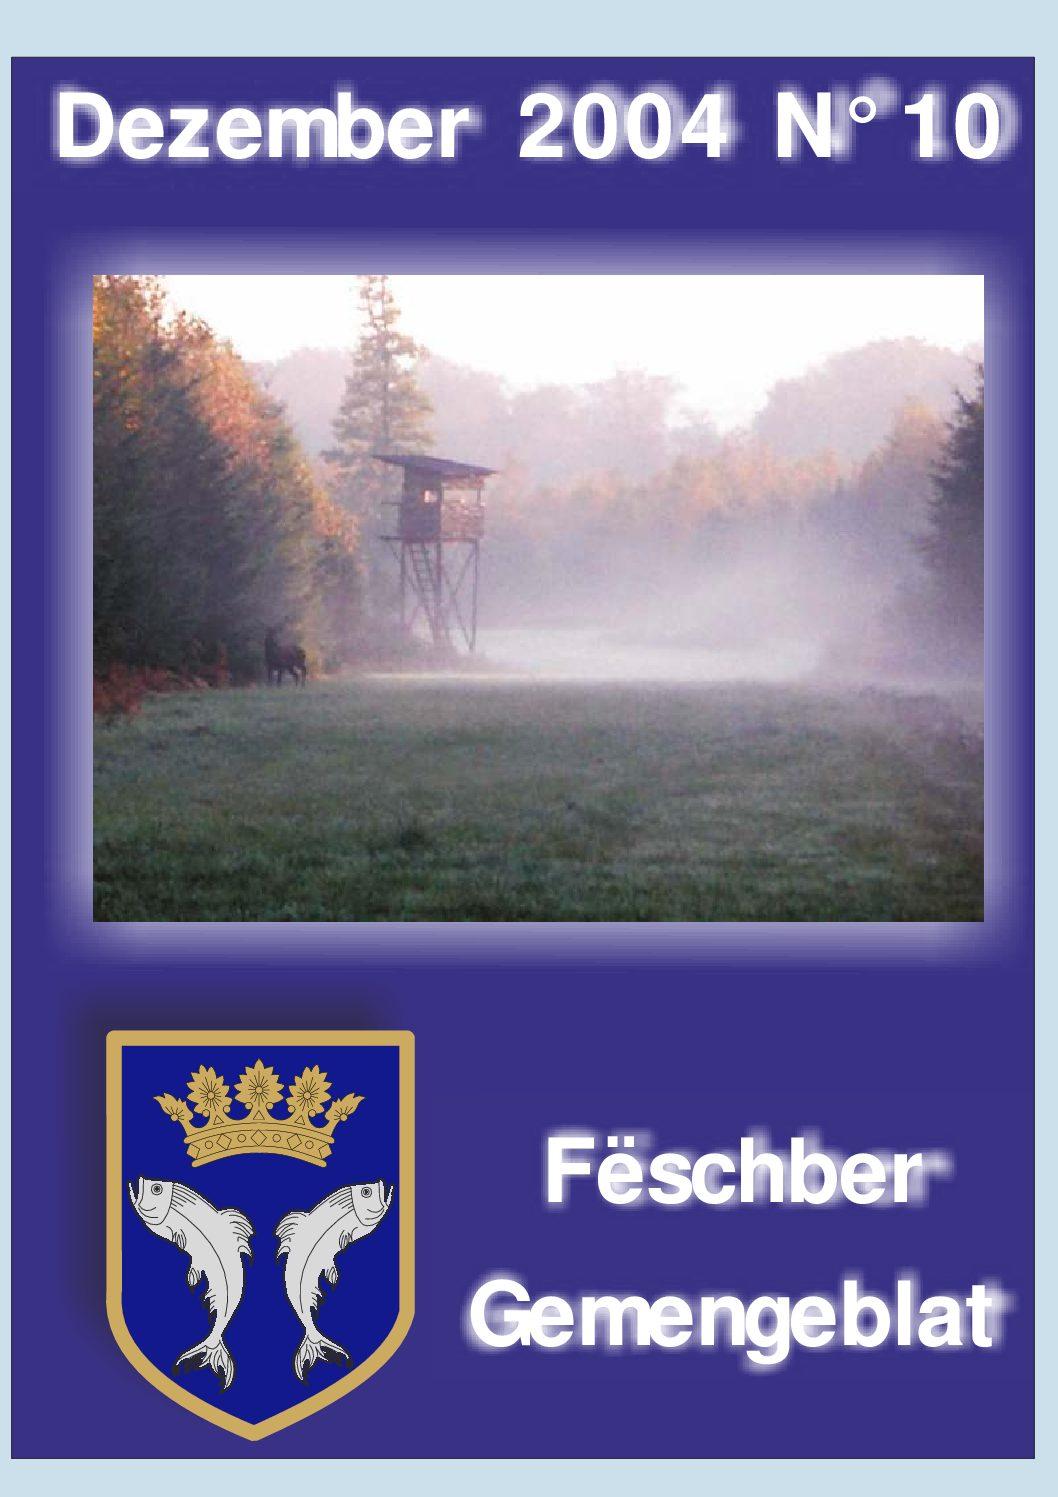 Dezember 2004 Gemengeblat No. 10